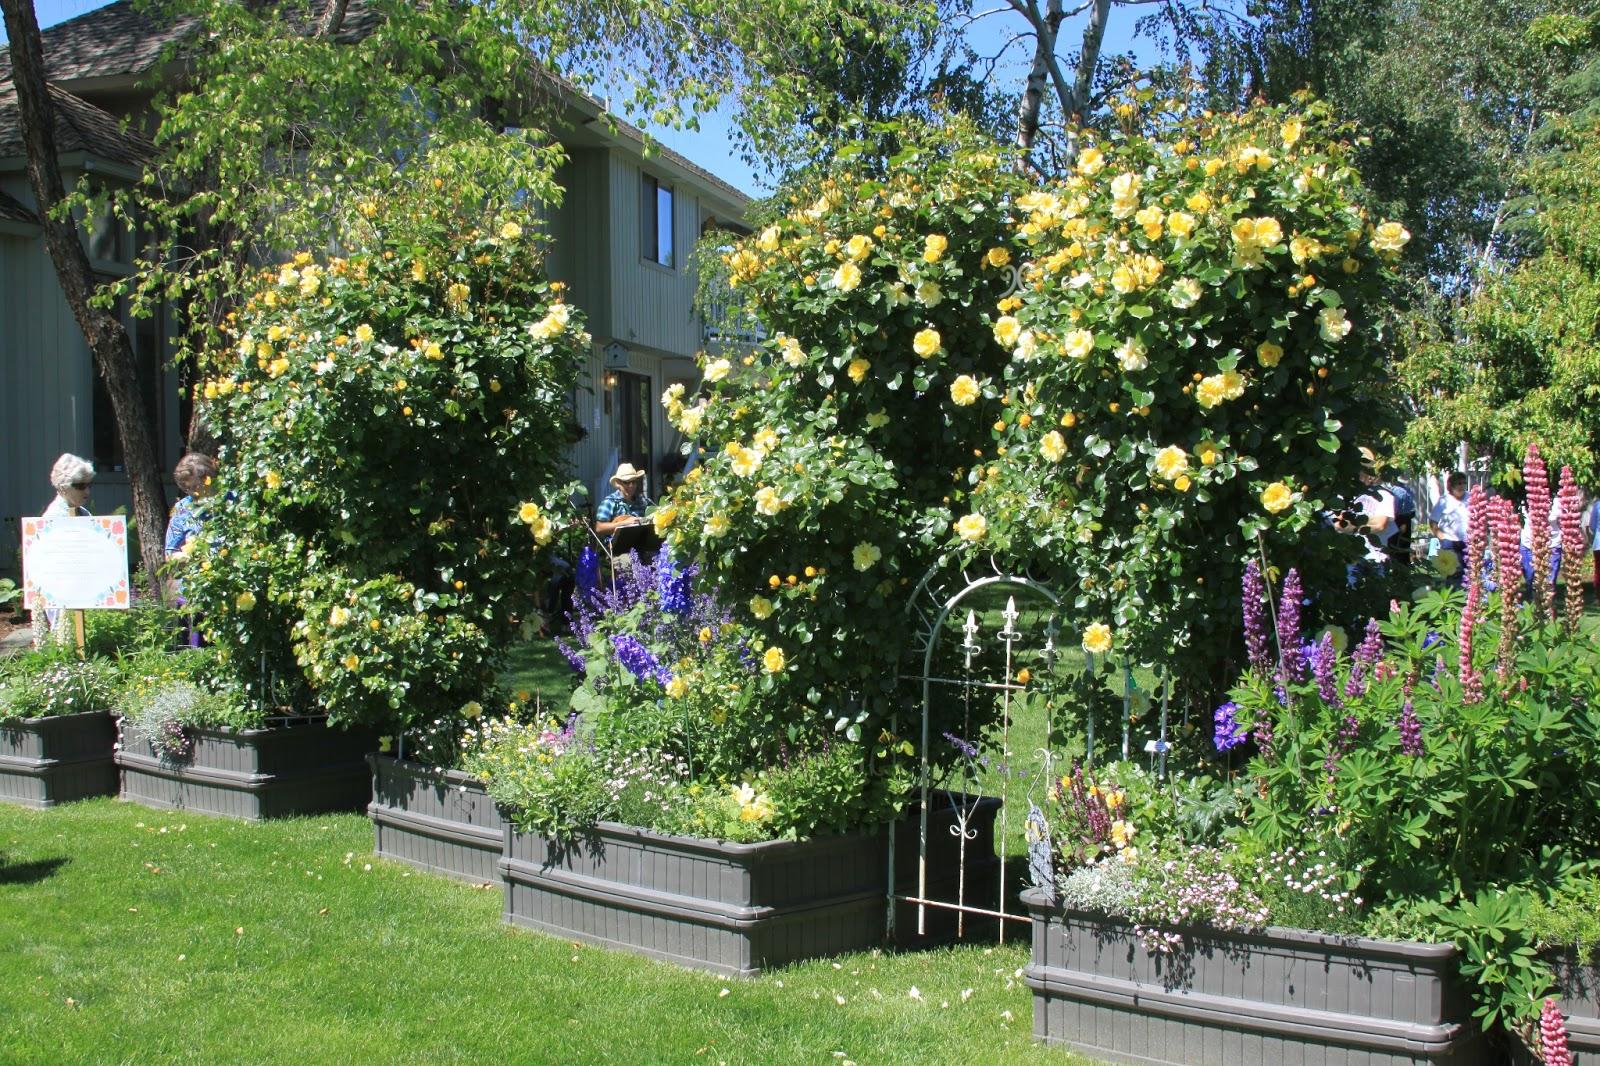 Incroyable Garden Trellises